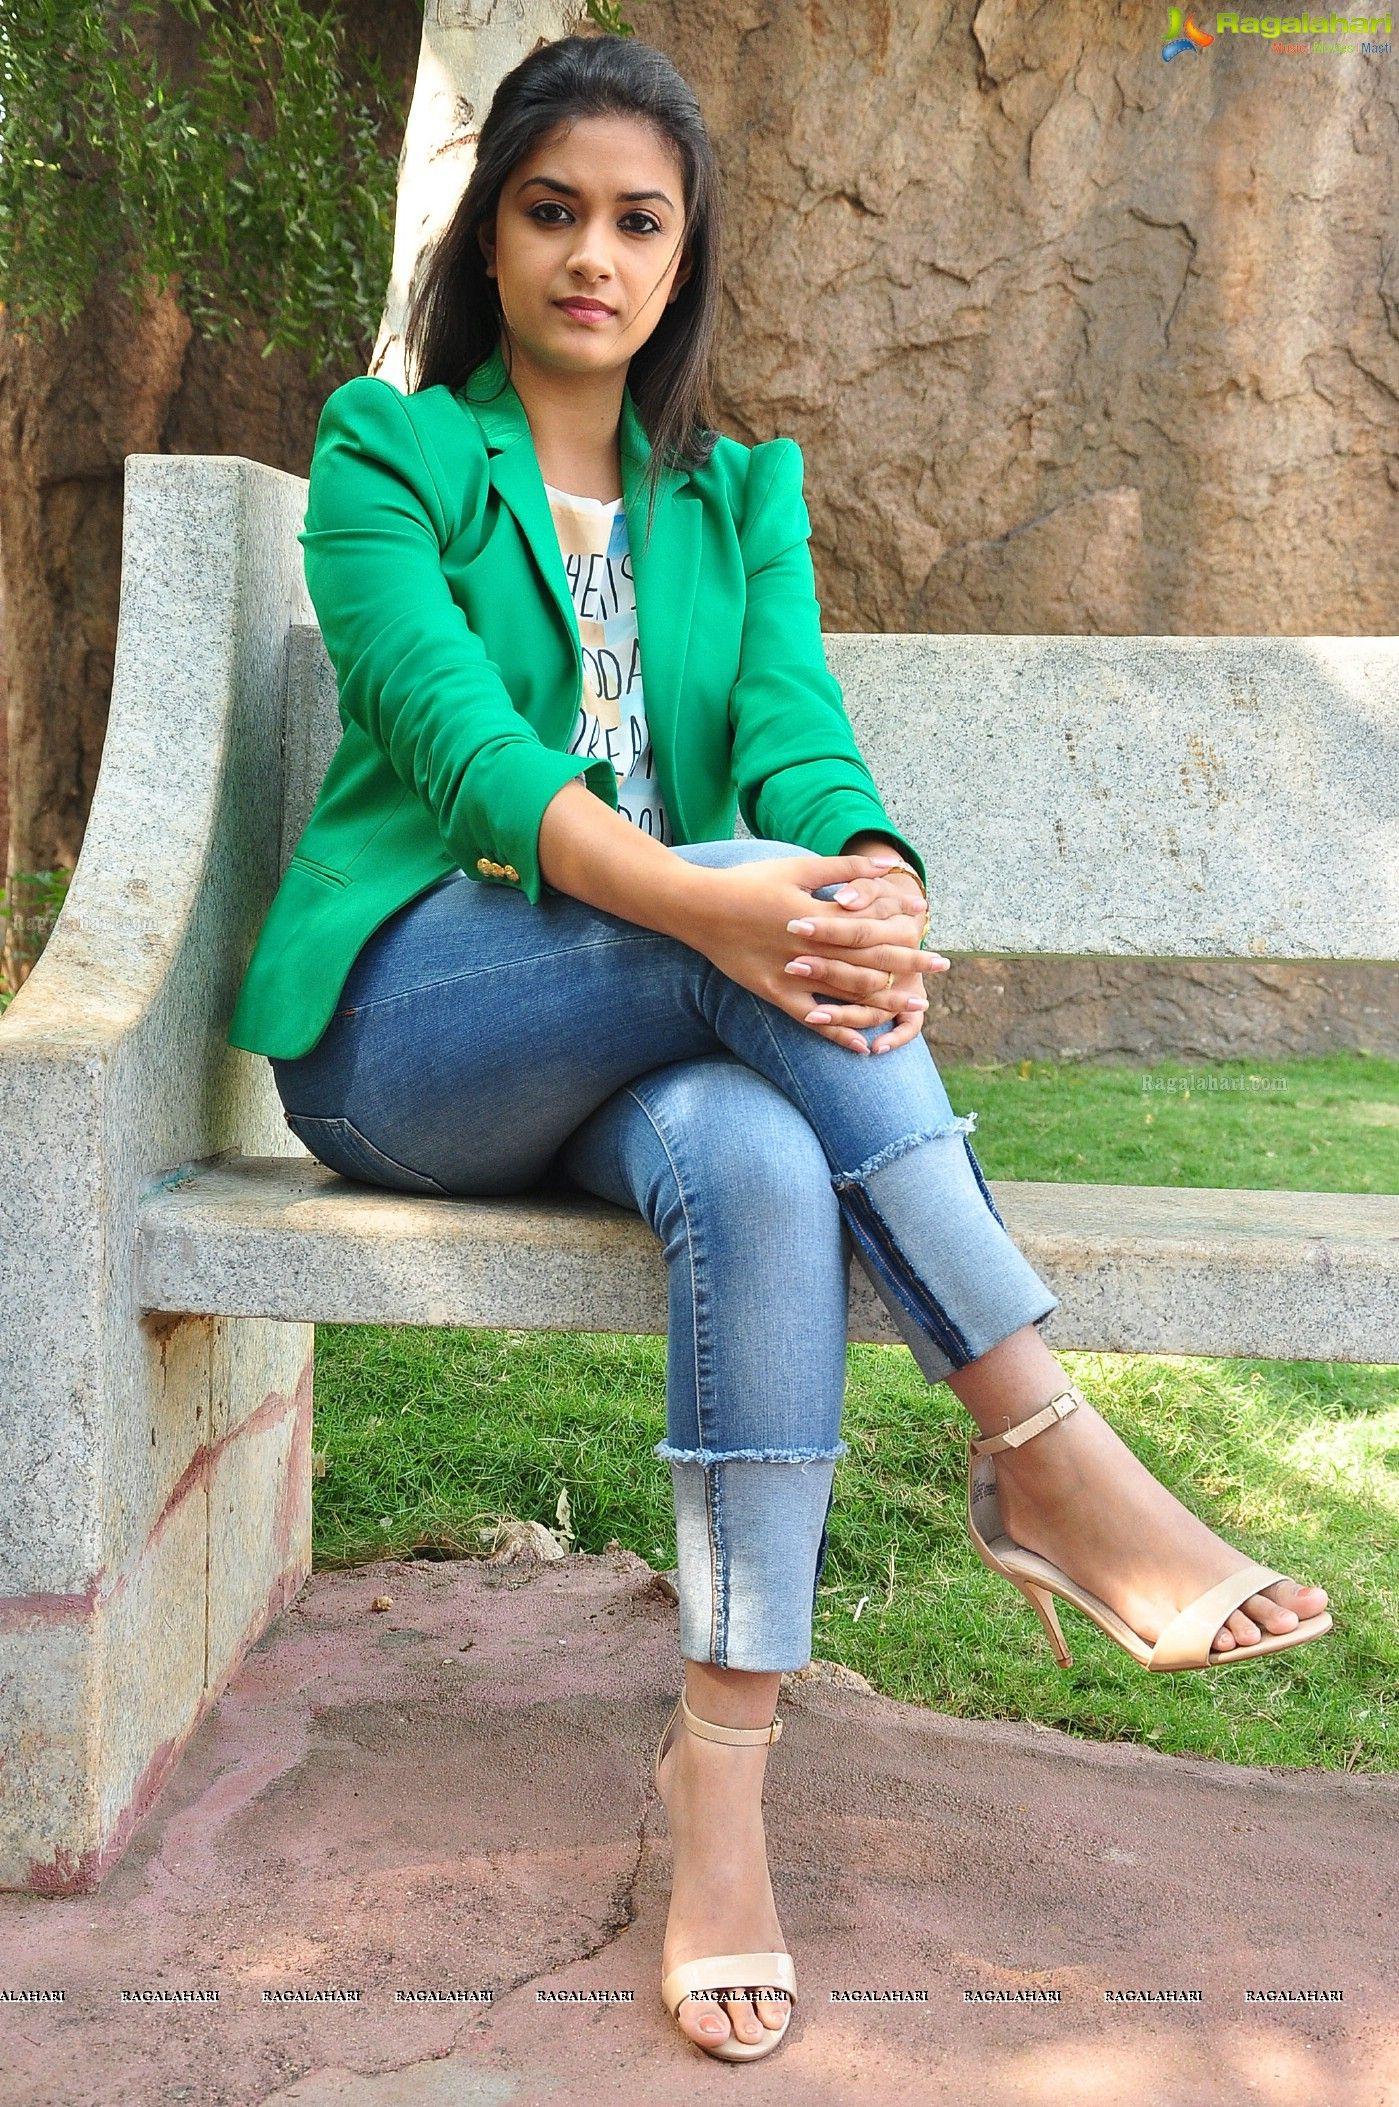 Keerthi Suresh Posters Indian Actress Pics Indian Actress Hot Pics South Indian Actress Photo